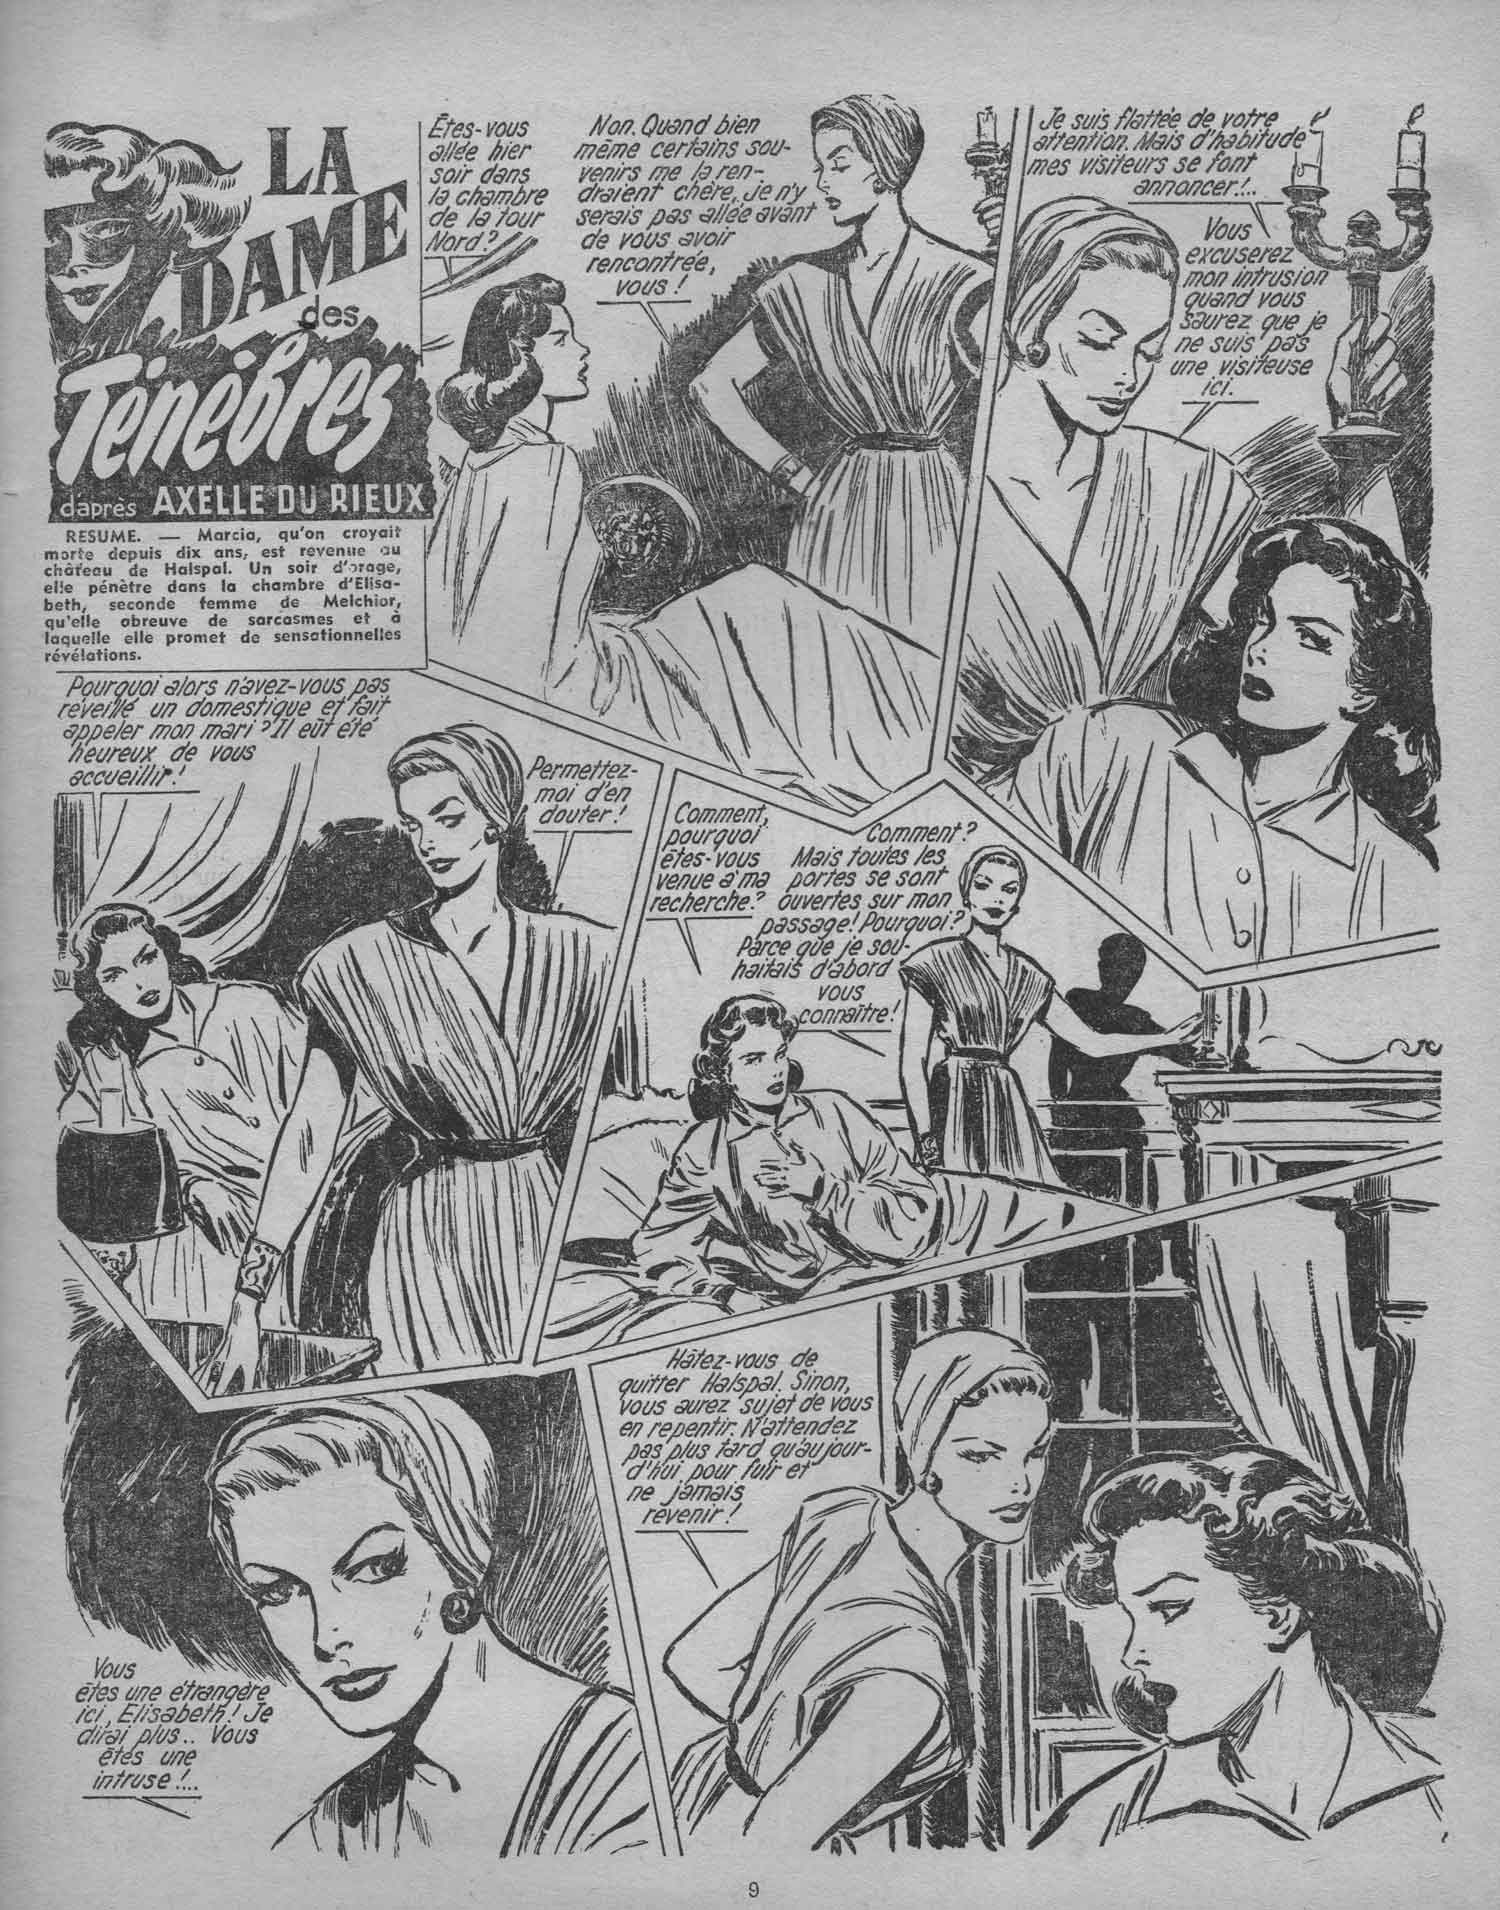 « La Dame des ténèbres » dans La Vie en fleurs n° 99 (4e trimestre 1954).